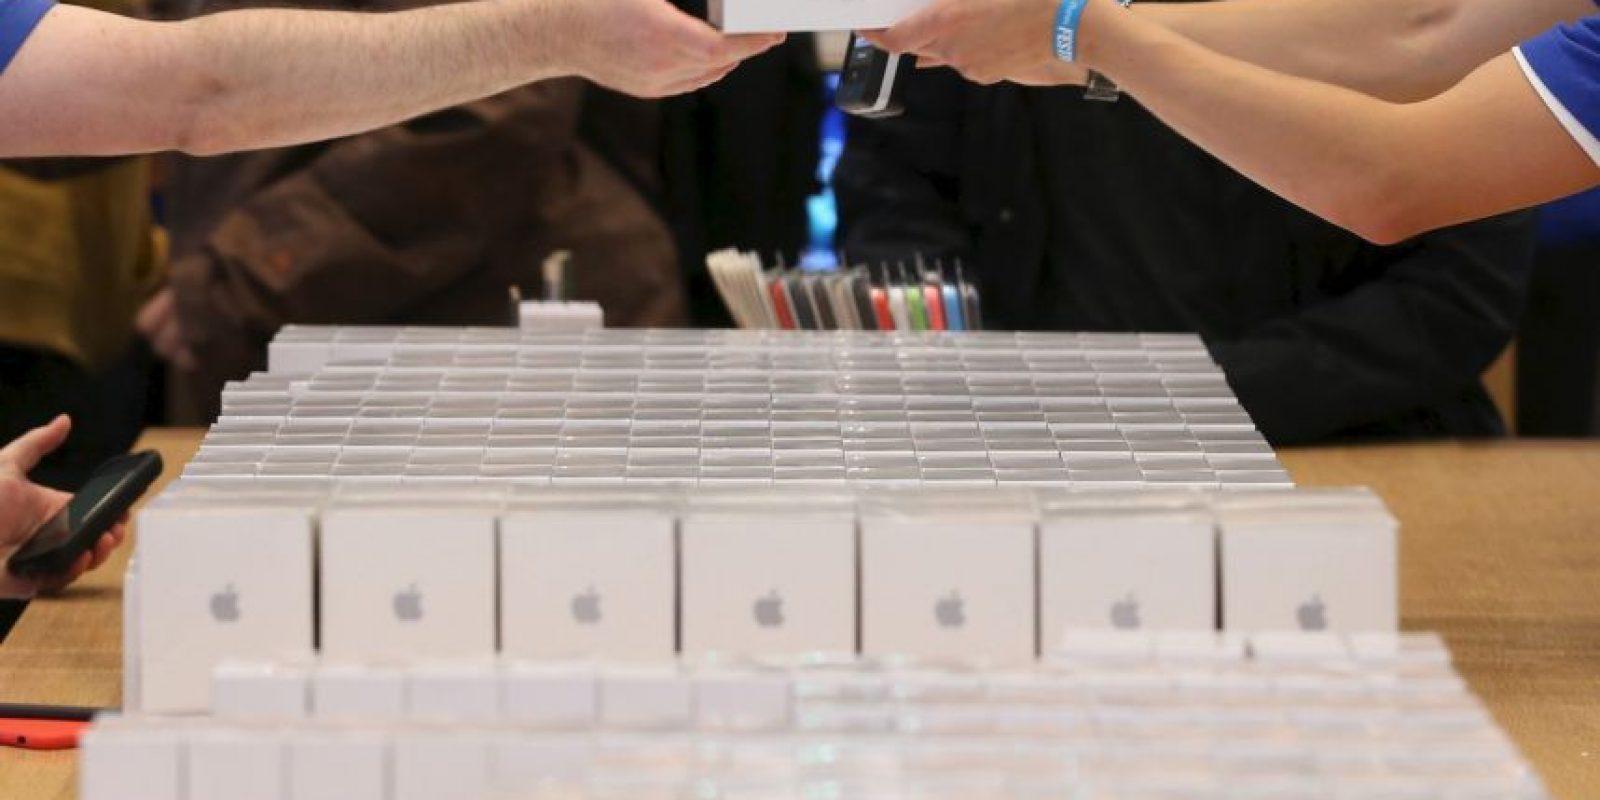 El nuevo iPhone 6 soporta voz sobre red LTE, que permite que el audio de banda ancha suene más nítido y claro. Foto:Getty